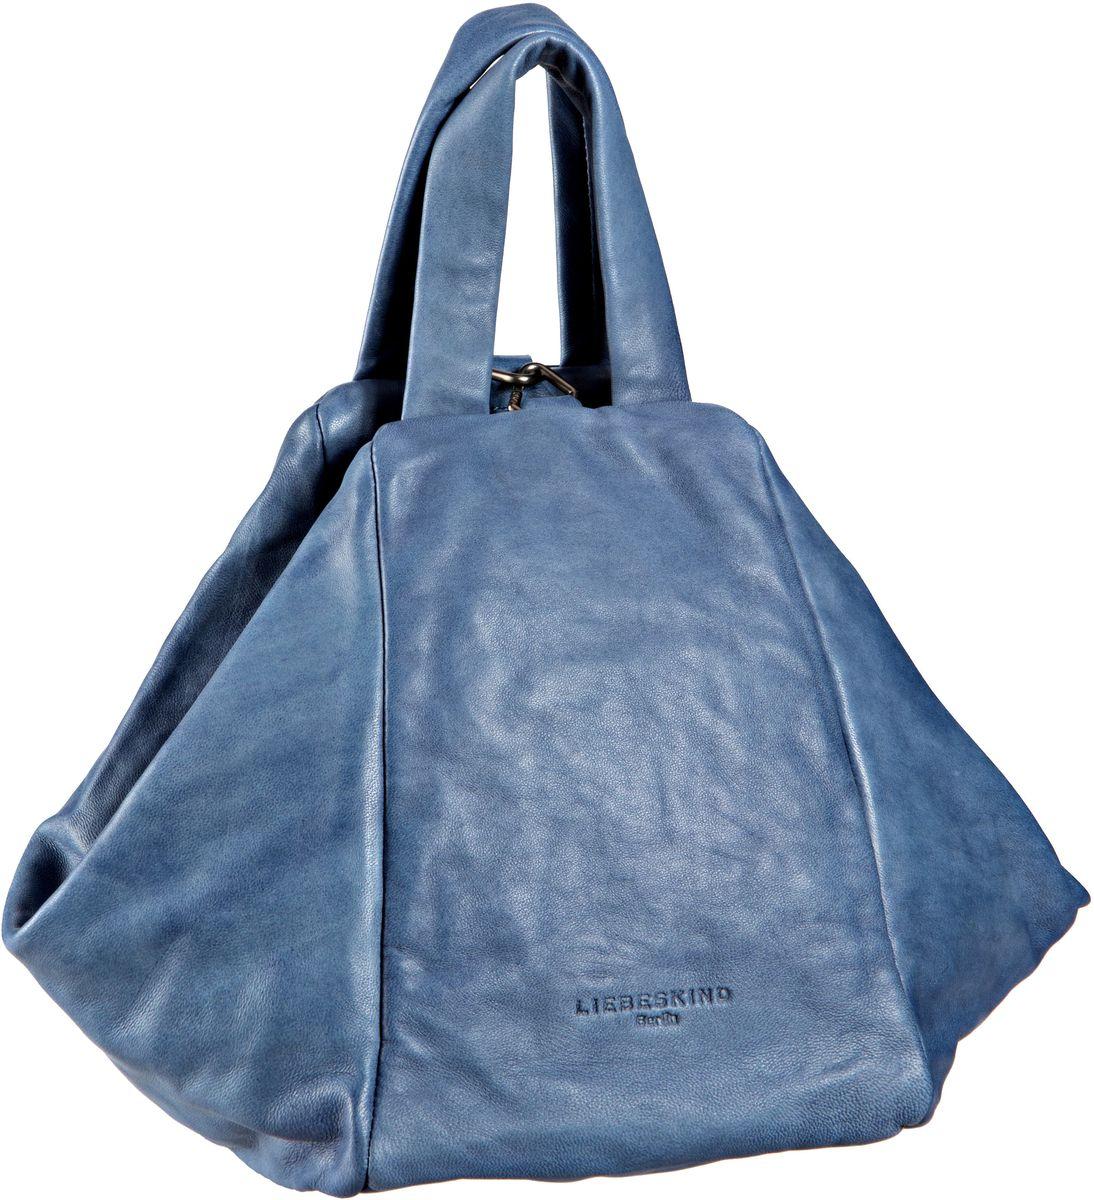 liebeskind handtaschen im outlet angebote kaufen handtaschenhaus. Black Bedroom Furniture Sets. Home Design Ideas